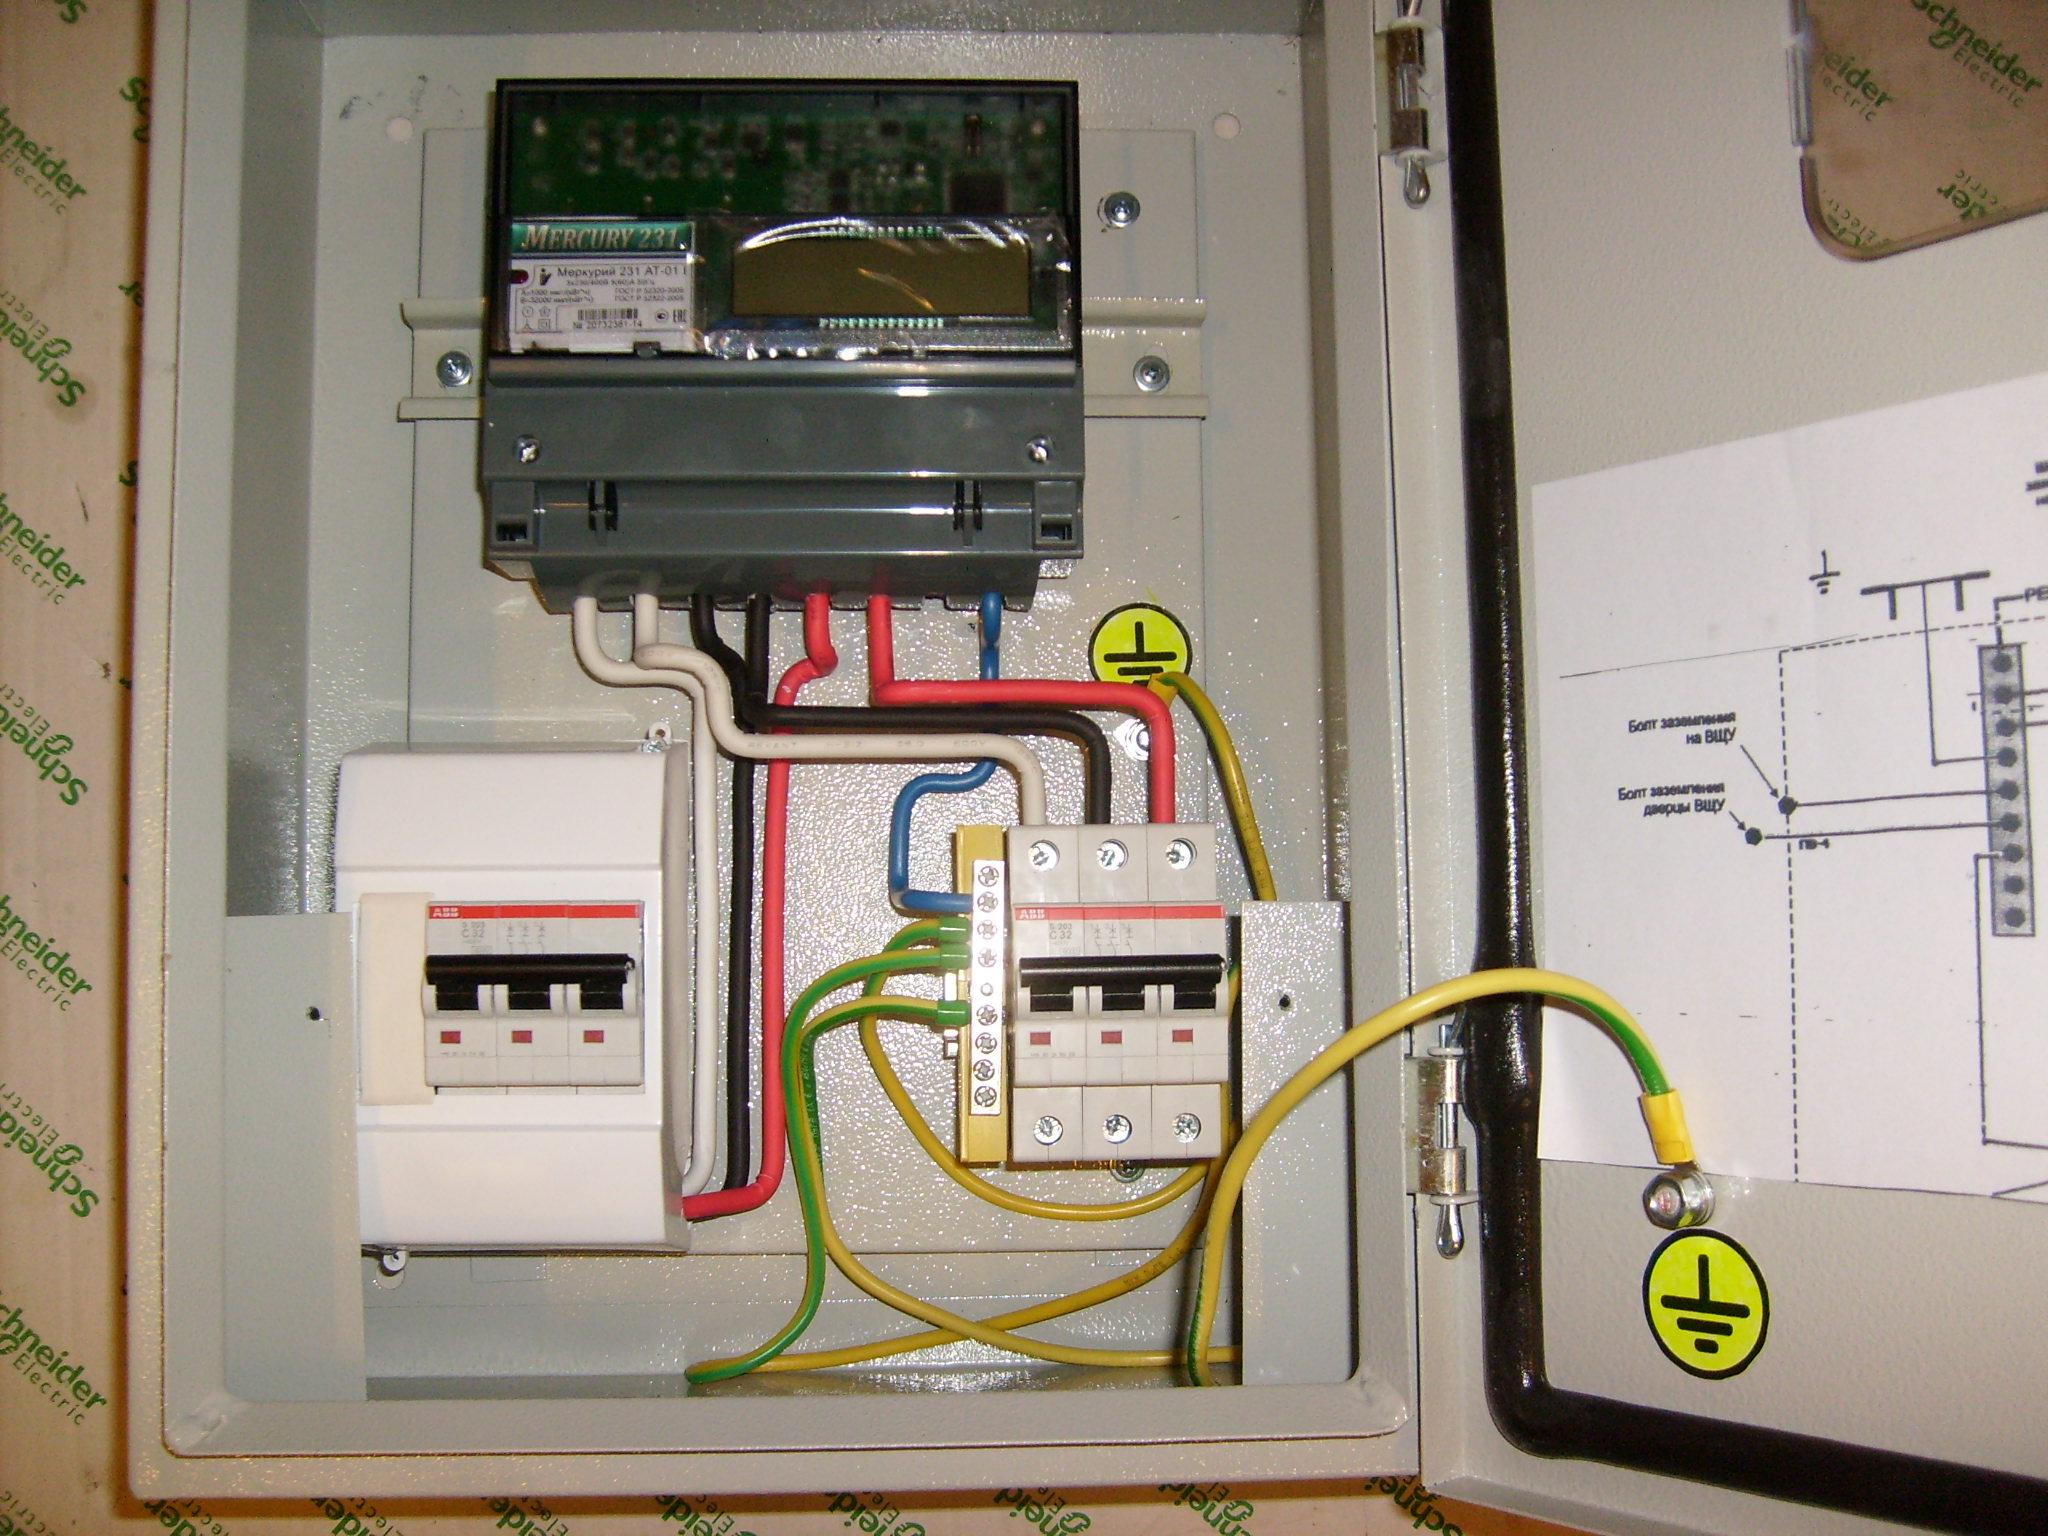 схема подключения счётчика меркурий 230 в сеть